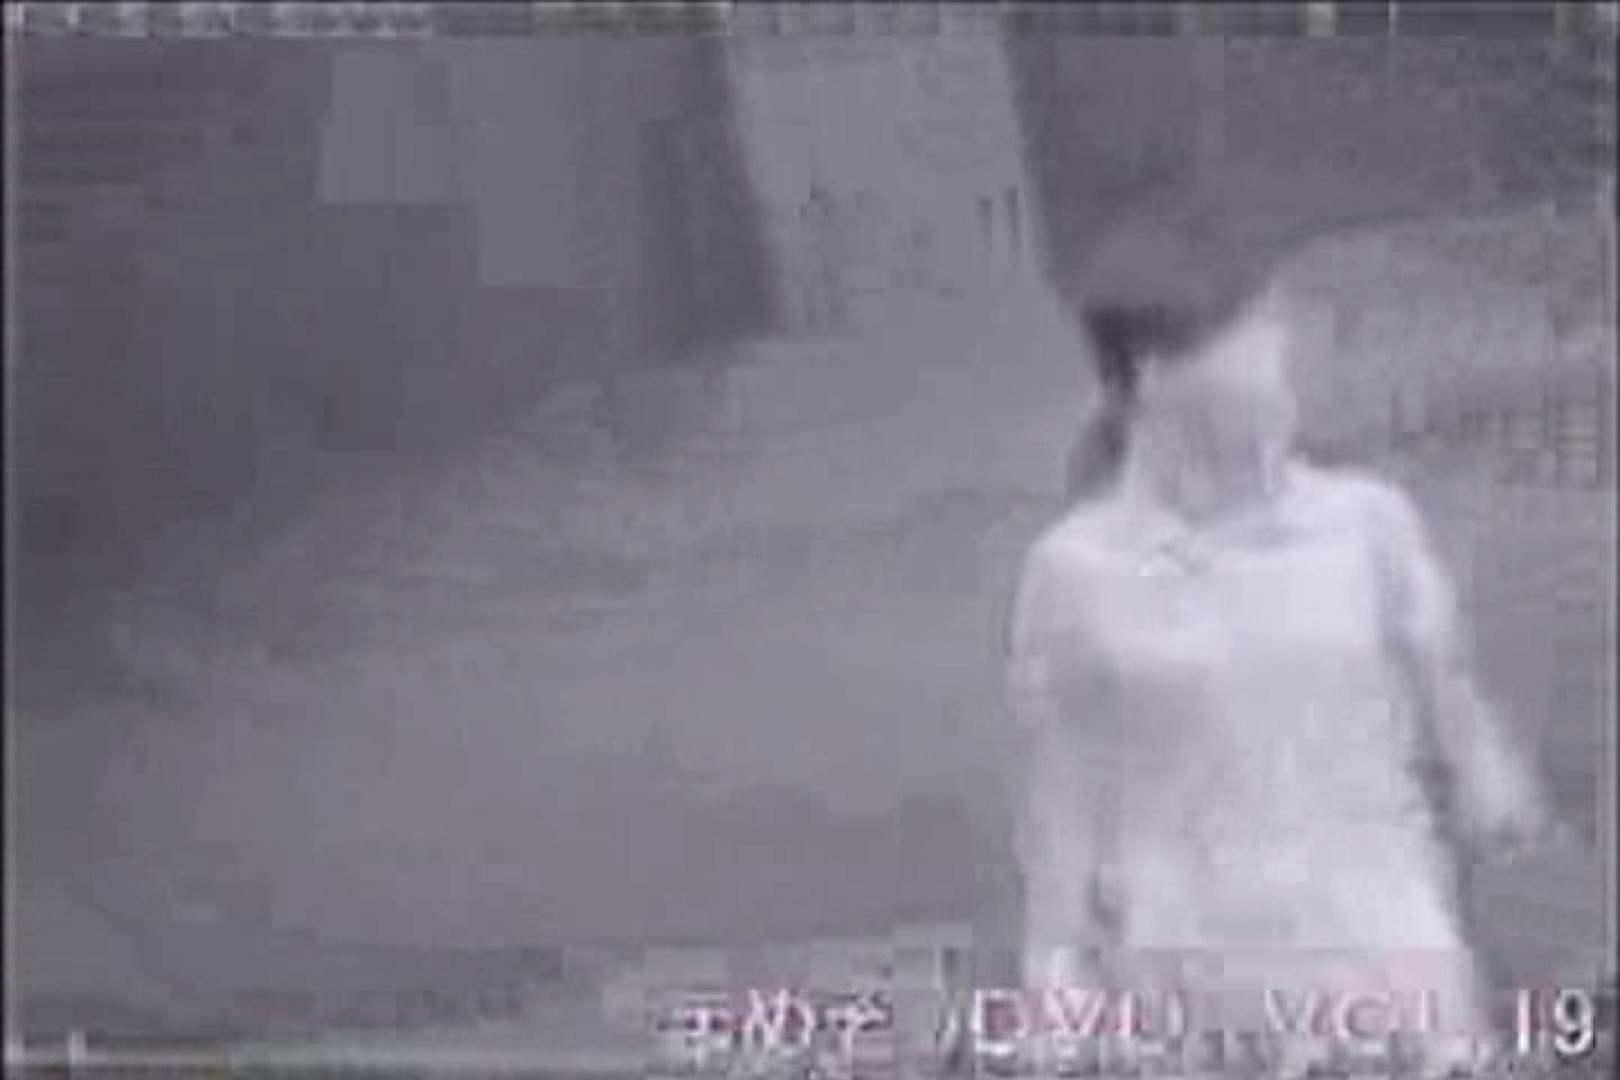 ハメ撮り まめぞうDVD完全版VOL.19 怪盗ジョーカー